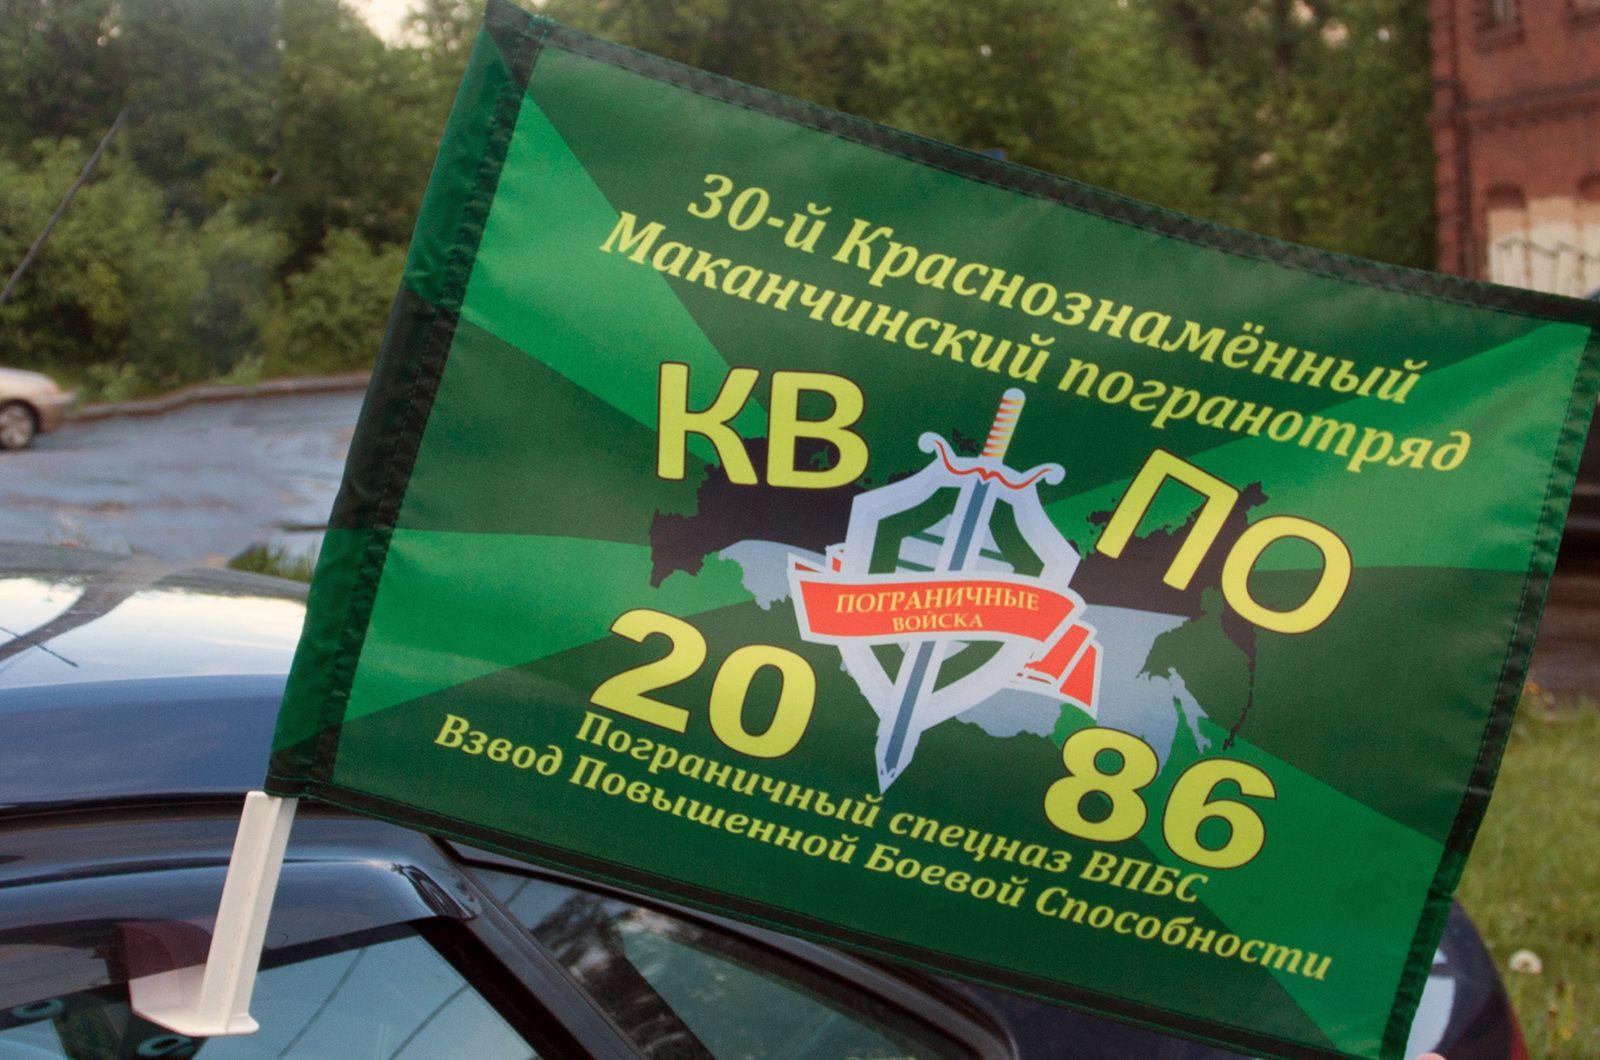 """Флаг """"Пограничный спецназ ВБПС"""""""